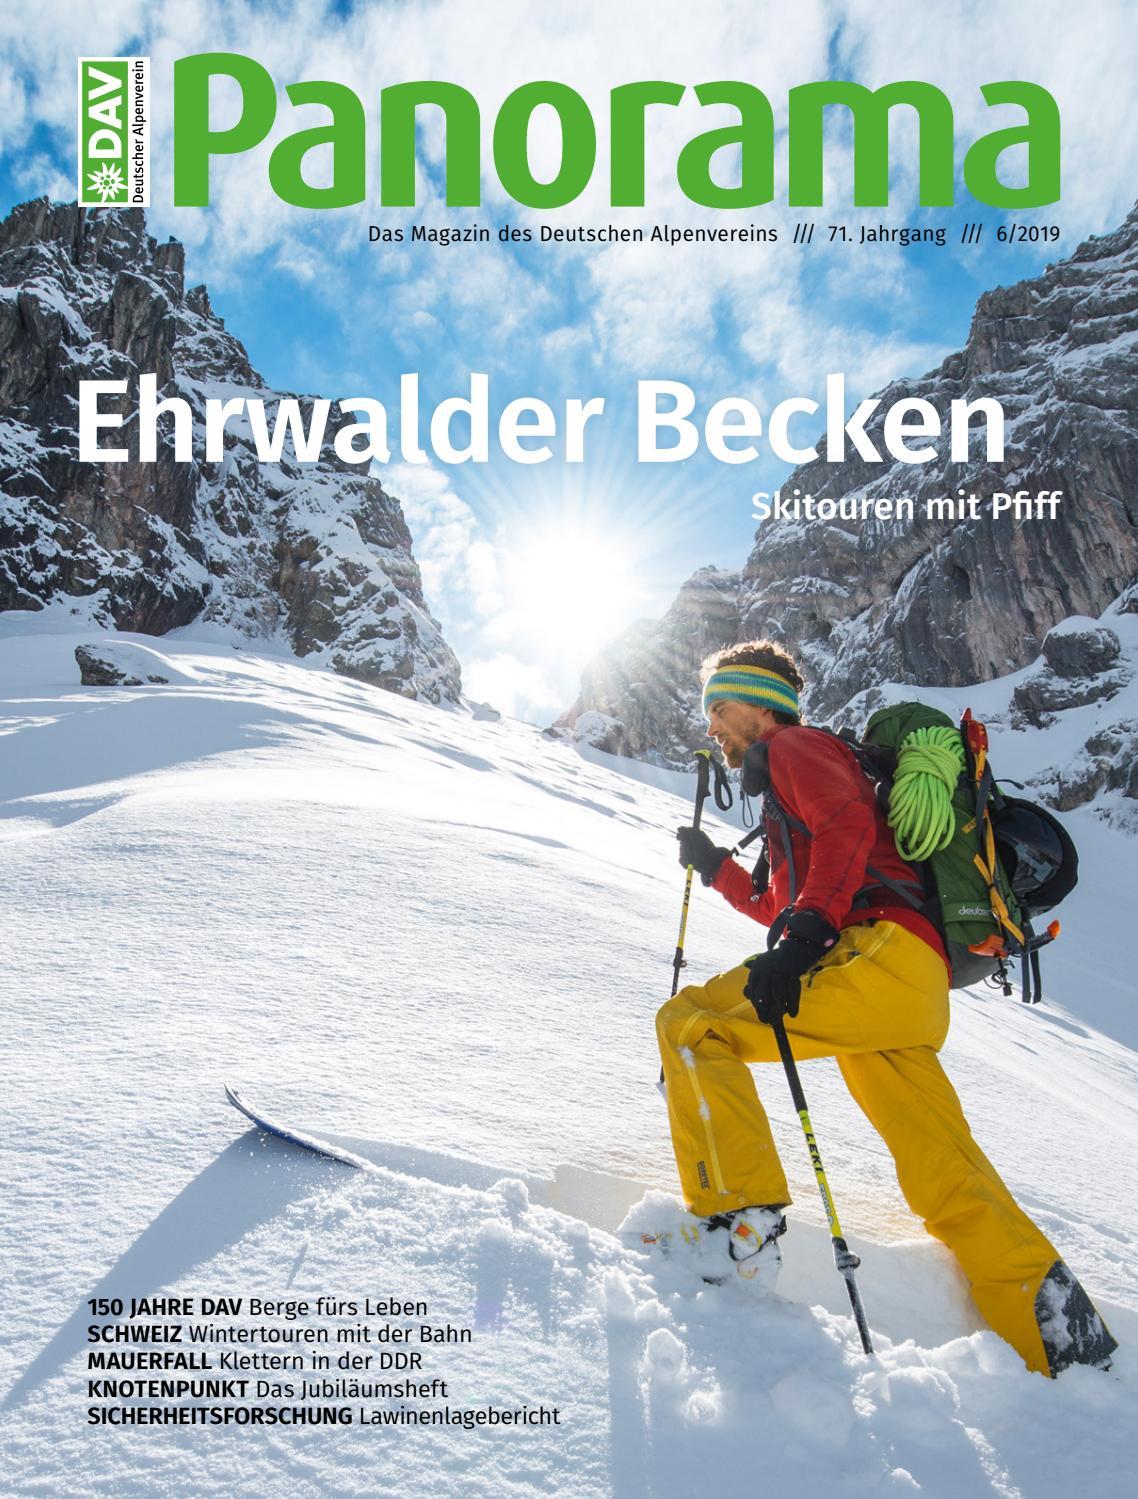 singles in Ehrwald - Bekanntschaften - Partnersuche